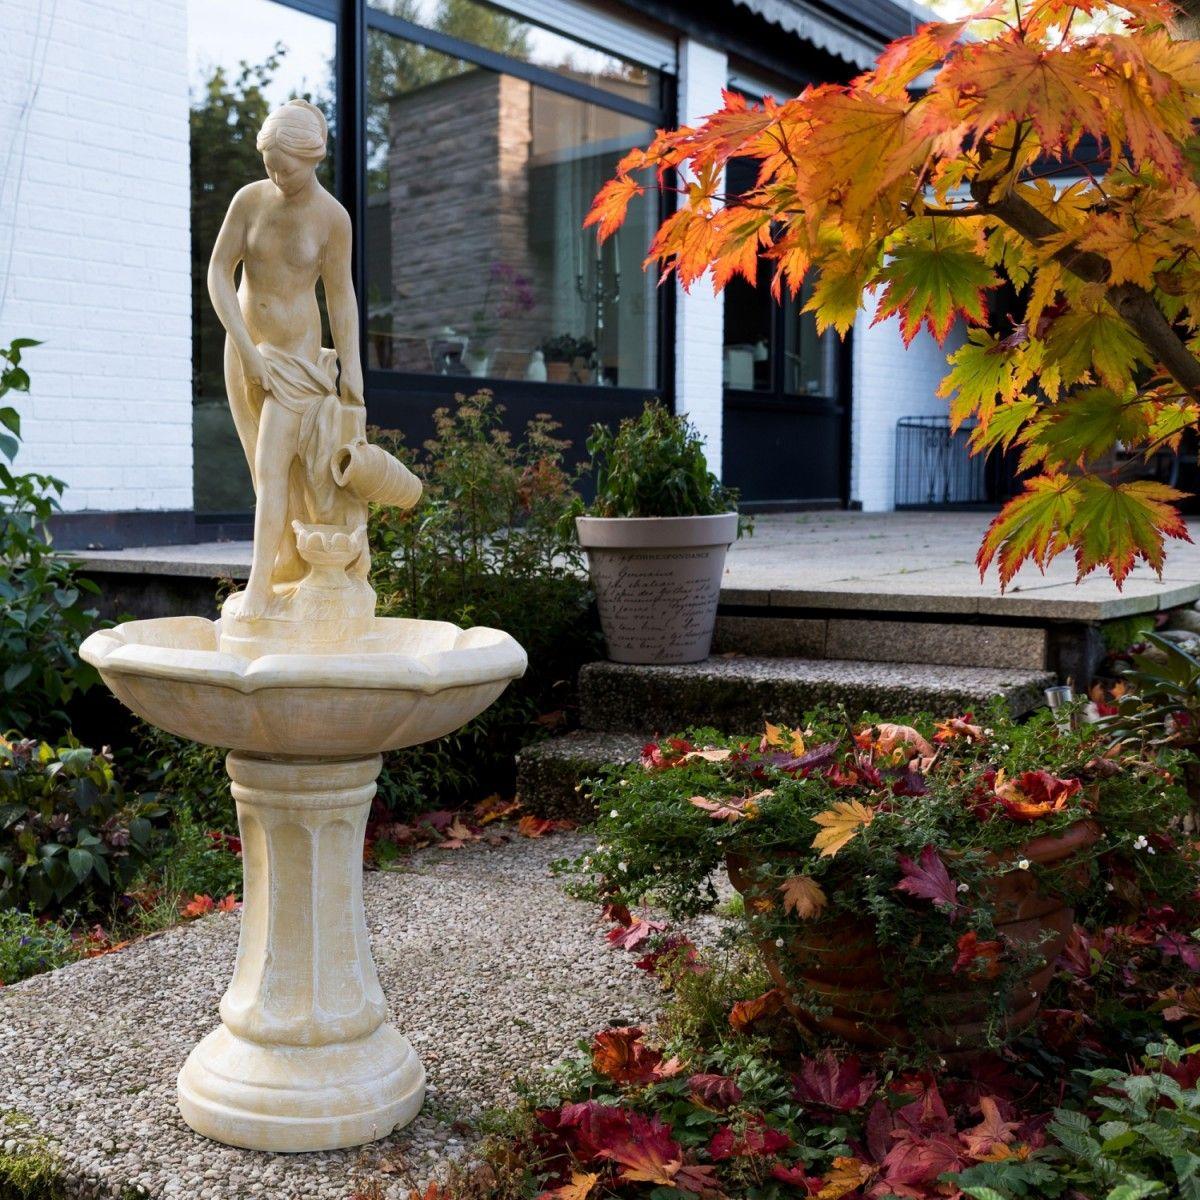 stilista® gartenbrunnen modell aphrodite, 118 cm hoch, tÜv gs + ce, Gartengestaltung